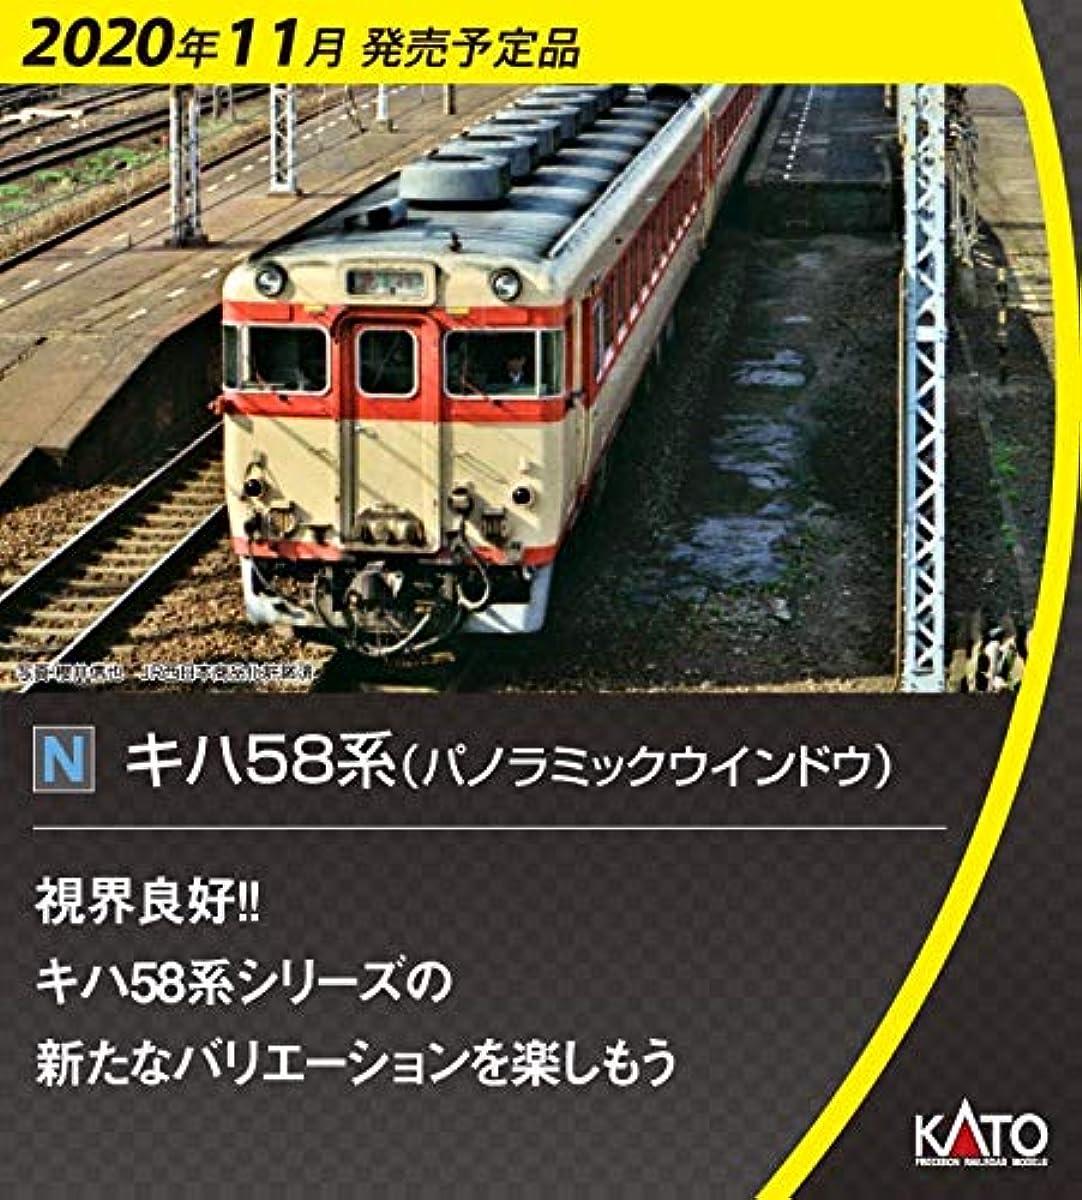 [해외] KATO N게이지 기하58 계 파 노라밋쿠우인도우 4 양세트 10-1600 철도 모형 디젤 카